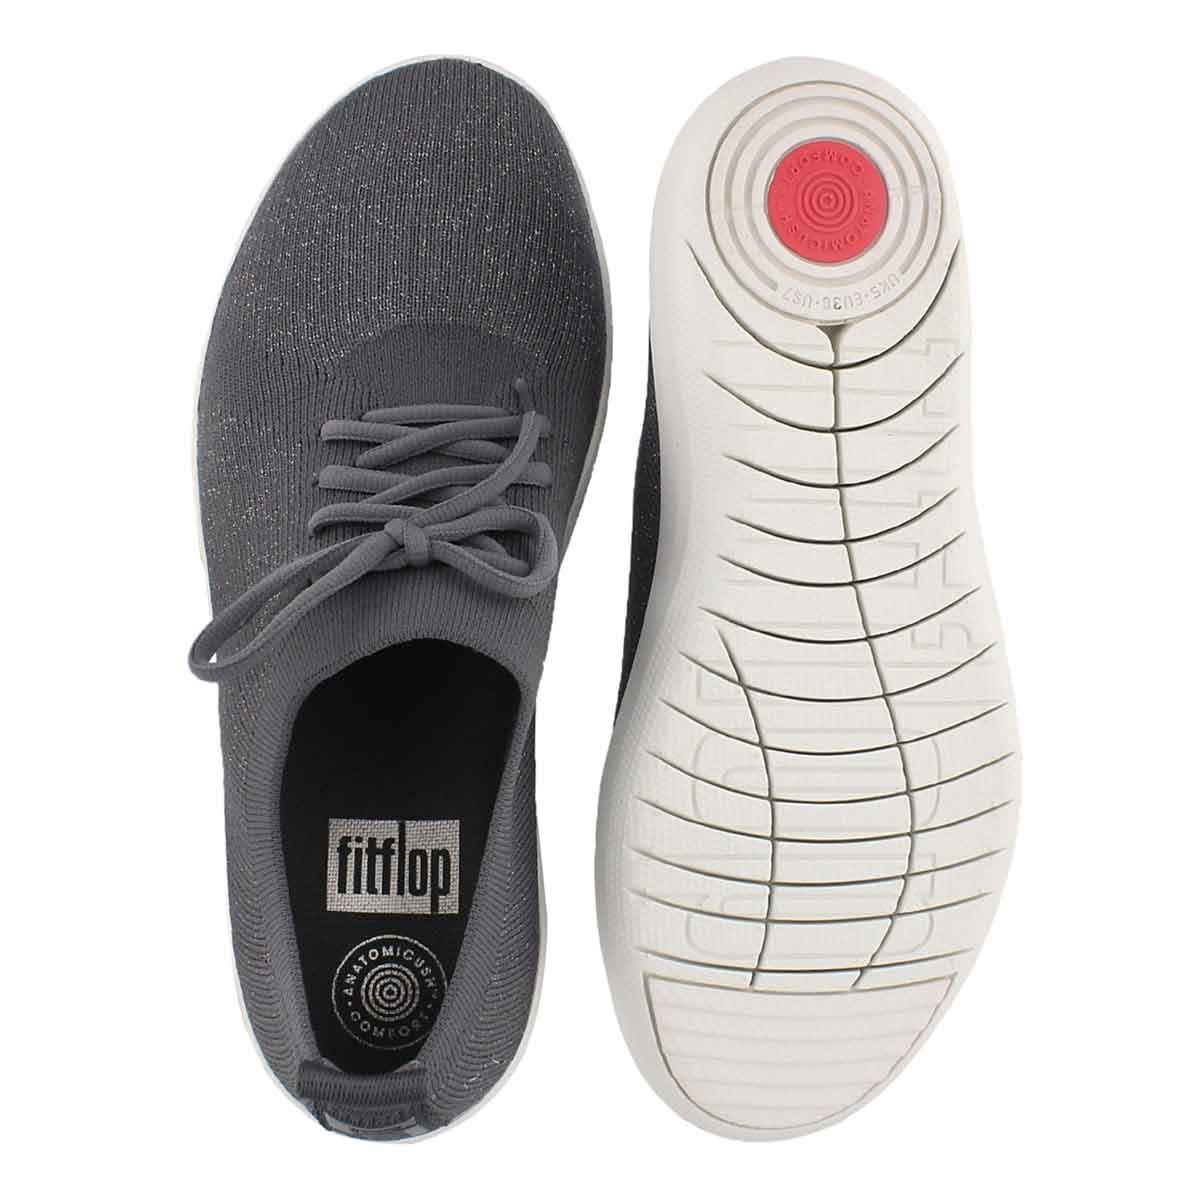 Lds Uberknit Sporty char/mtl pew sneaker